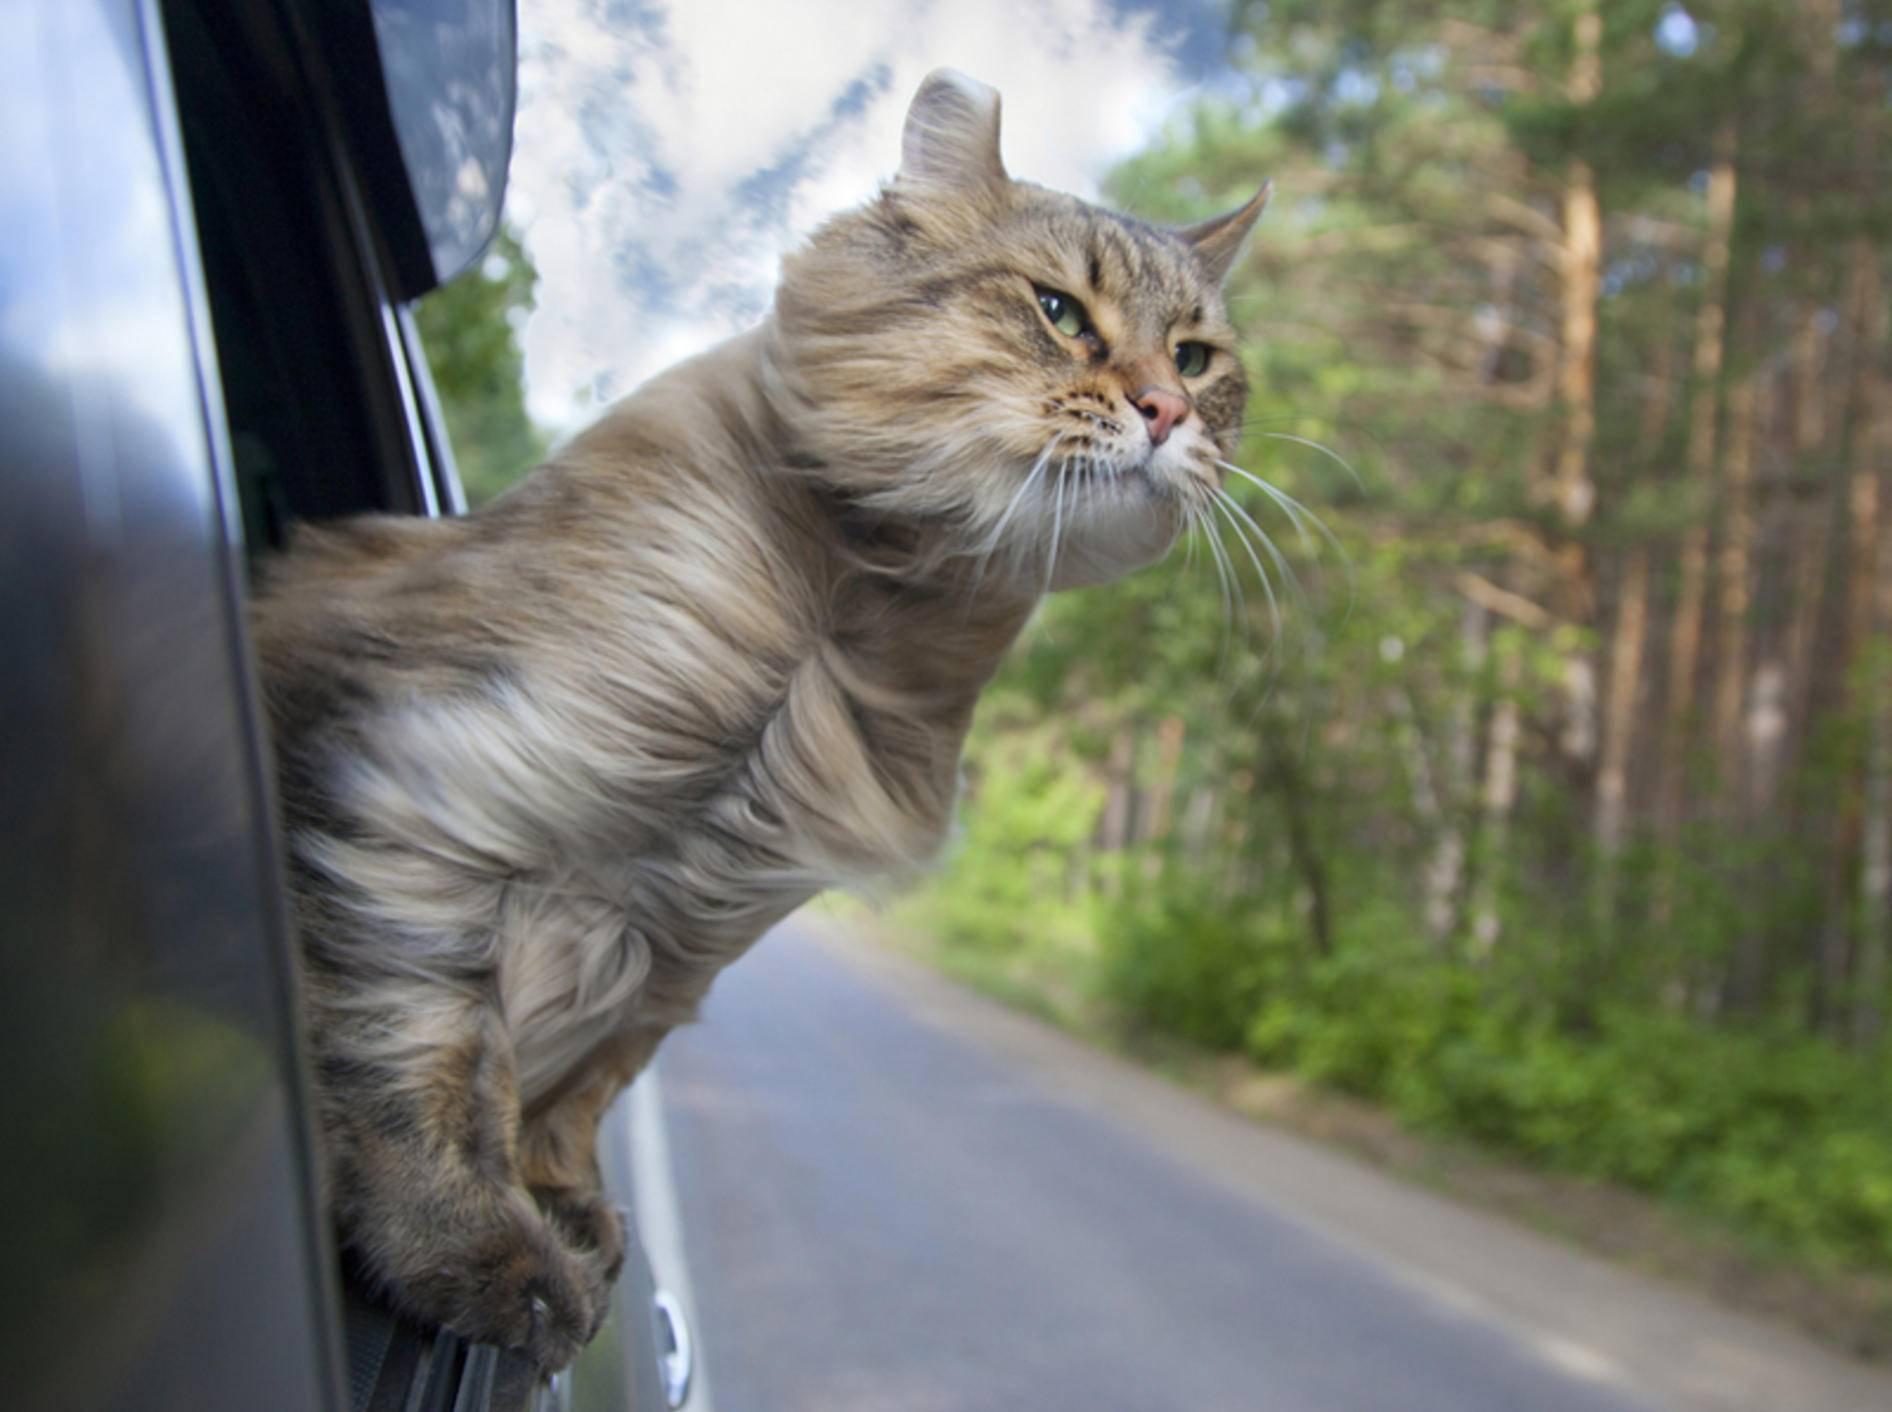 Ist Ihre Samtpfote gerne unterwegs? Dann ist das Camping mit Katze möglicherweise ideal für sie – Shutterstock / Popel Arseniy